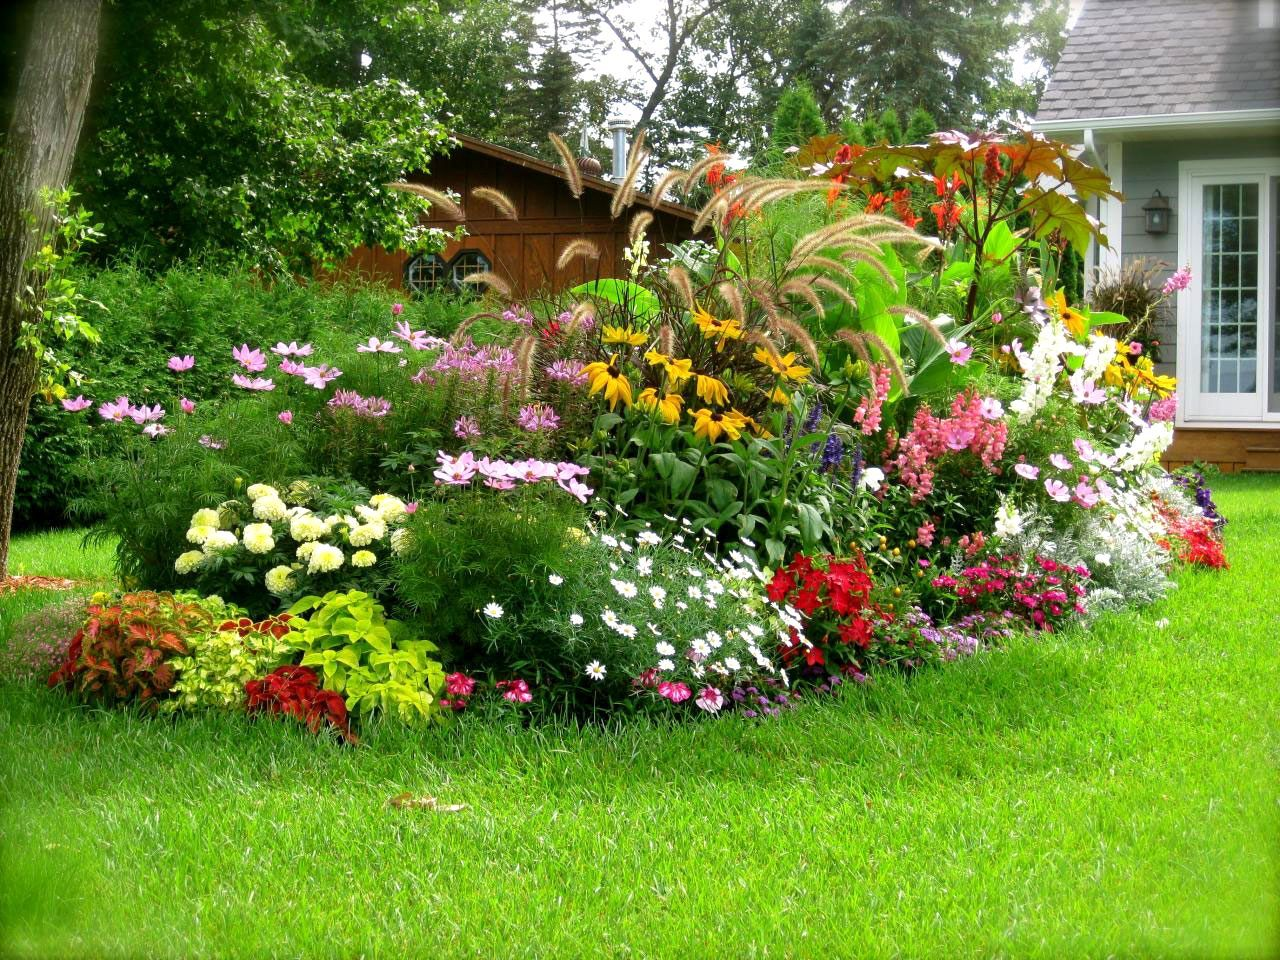 Interessante Blumen Garten Ideen Nz Garten Gartenplanung Gartenideen Garten Hecken Garten Gartengestaltung